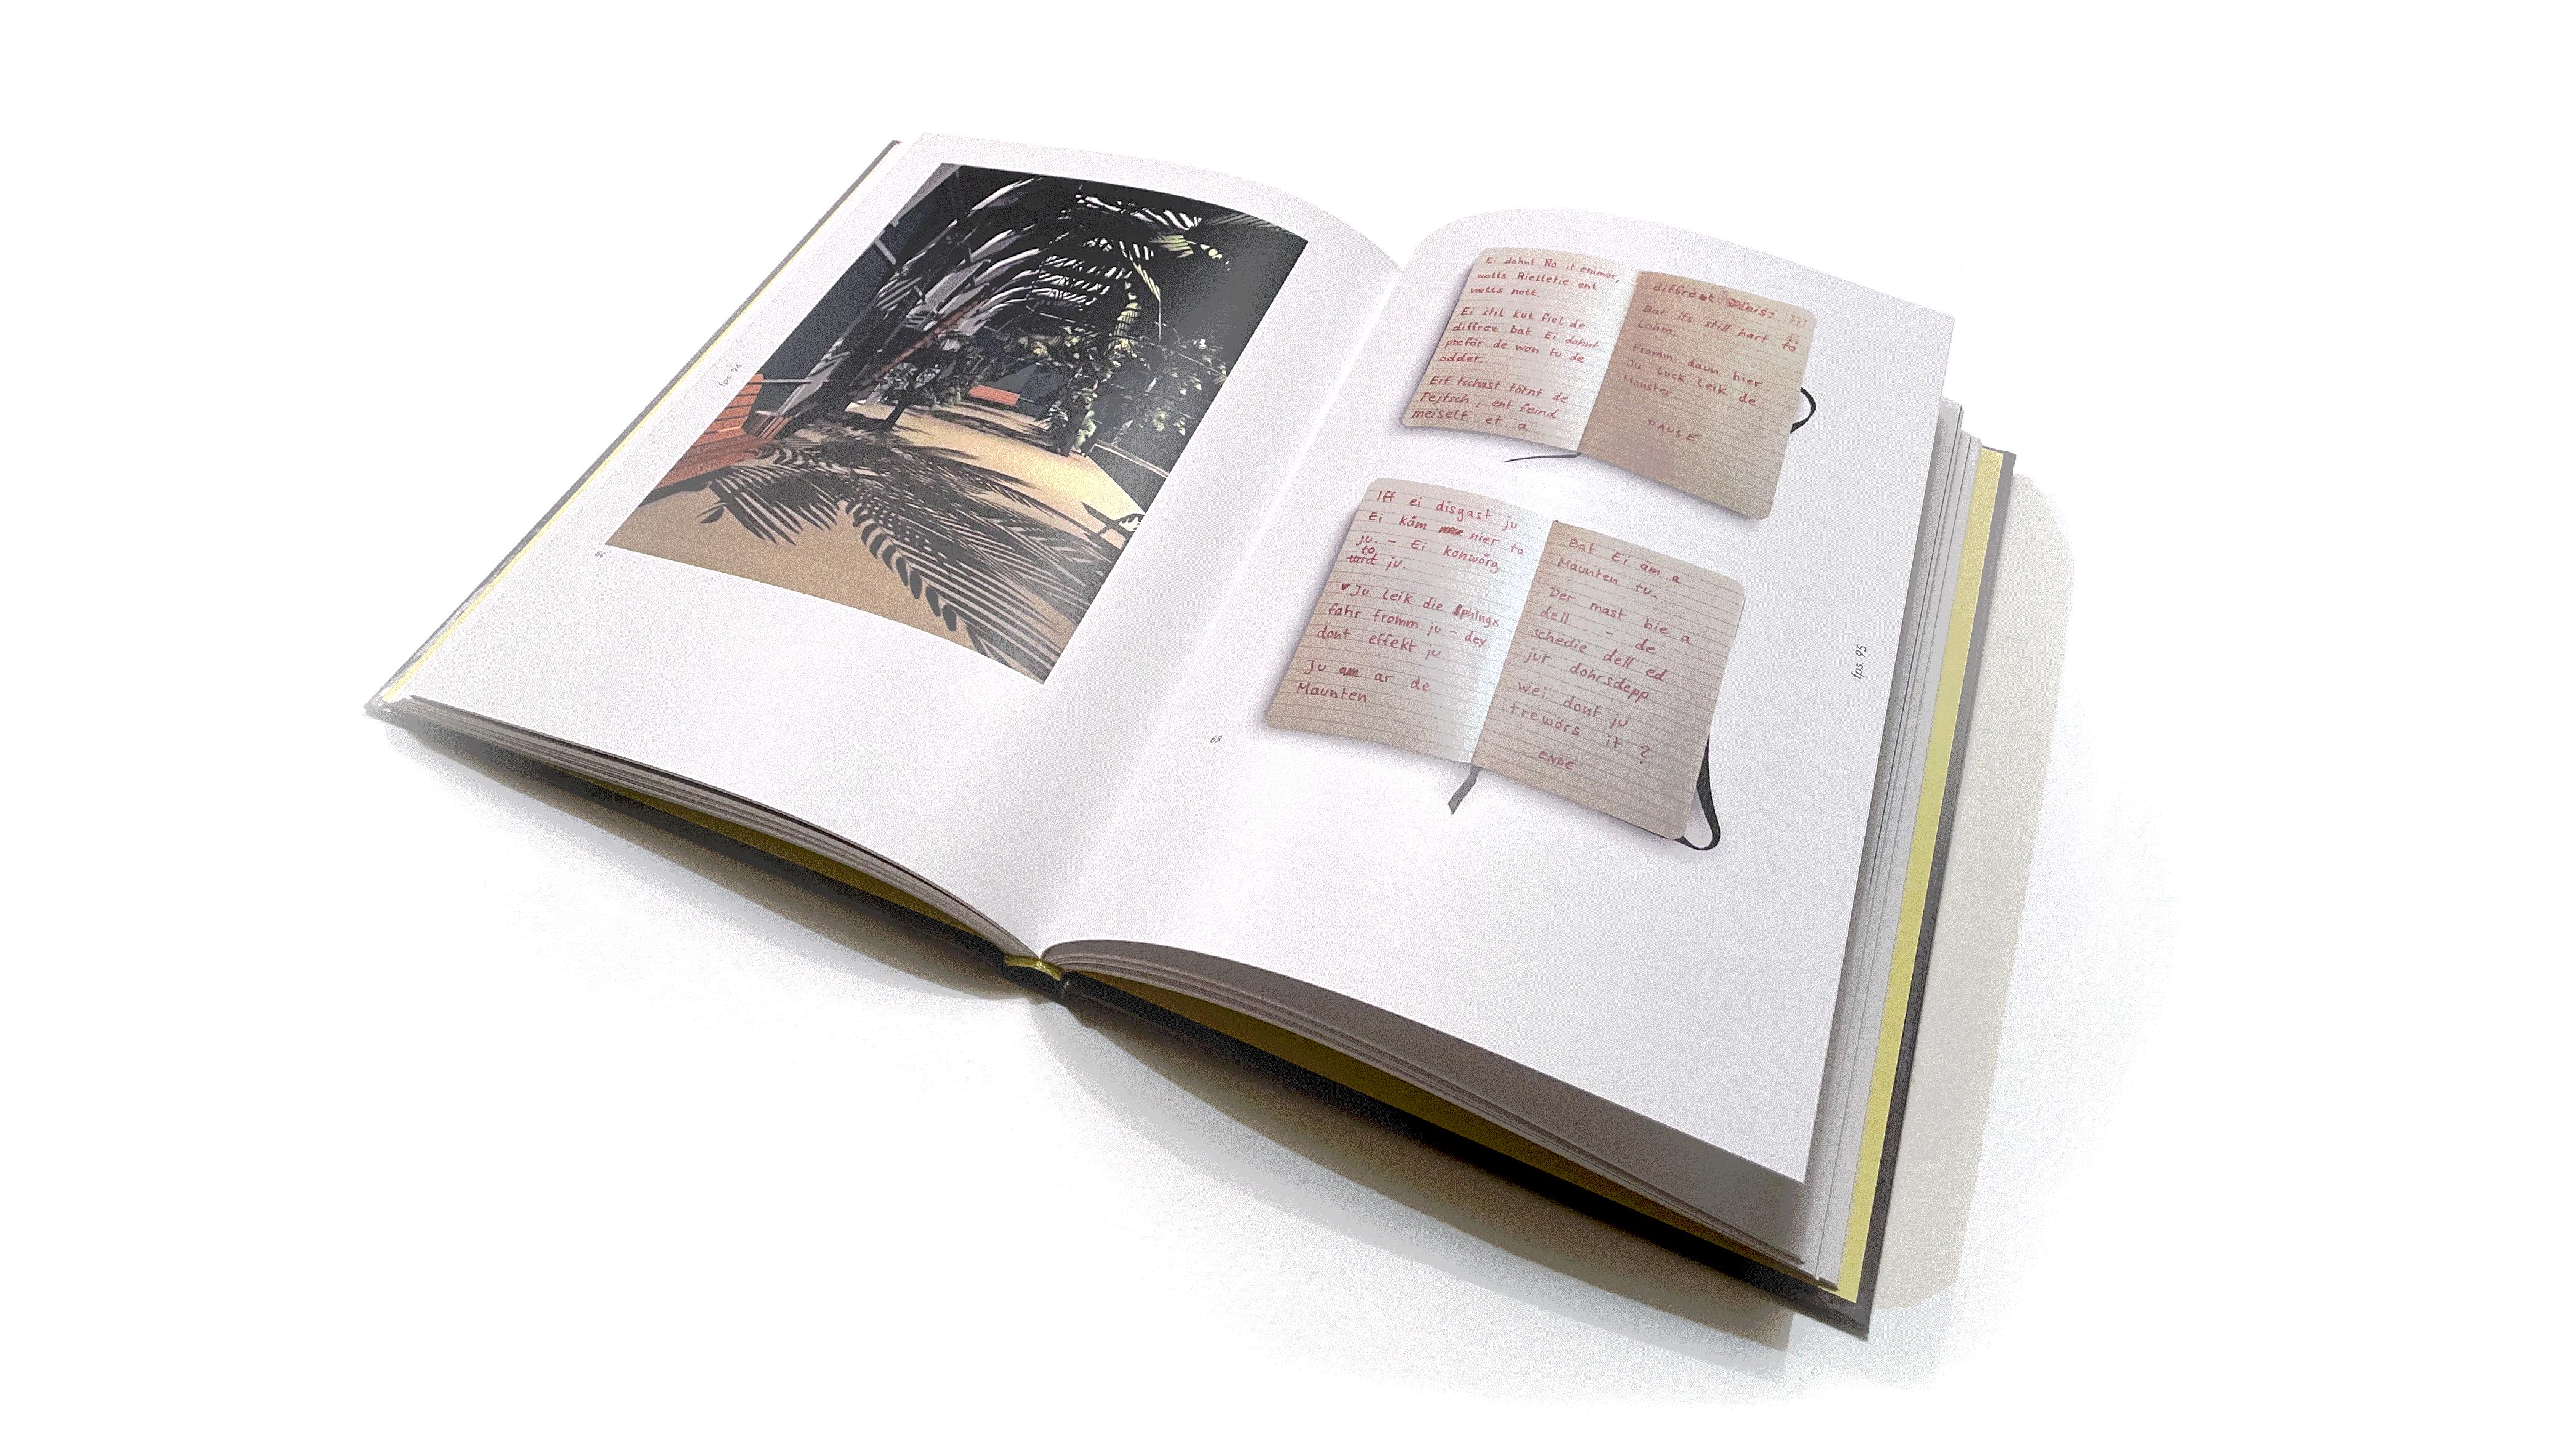 Paul Valentin Air Into Solid Book Artistbook Suedeutsche